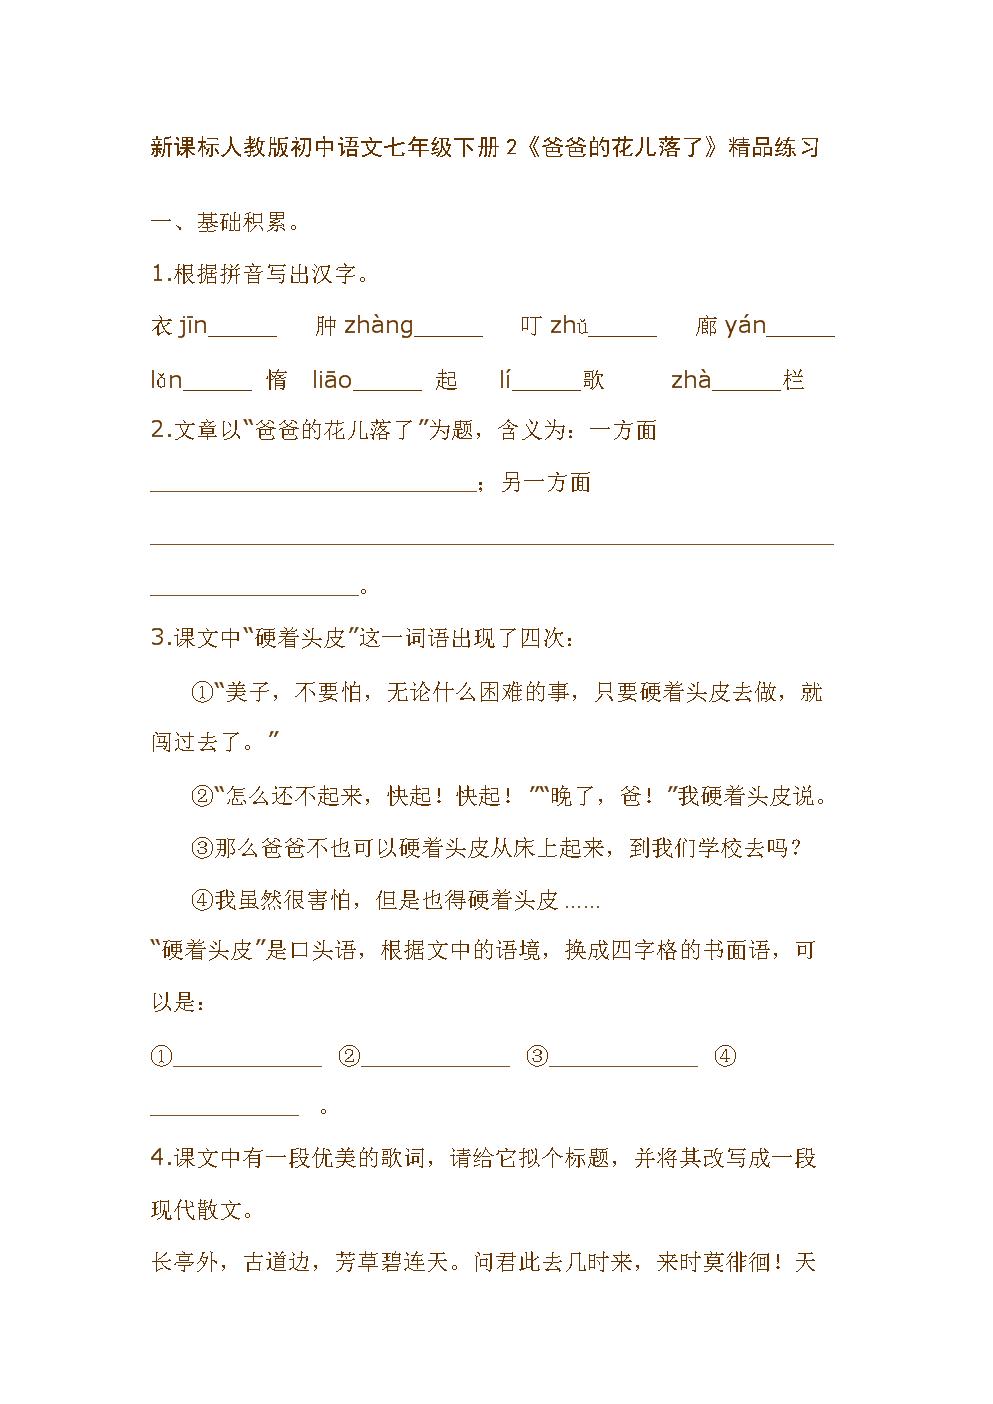 初中语文七年级下册2《爸爸的花儿落了》精品练习..doc